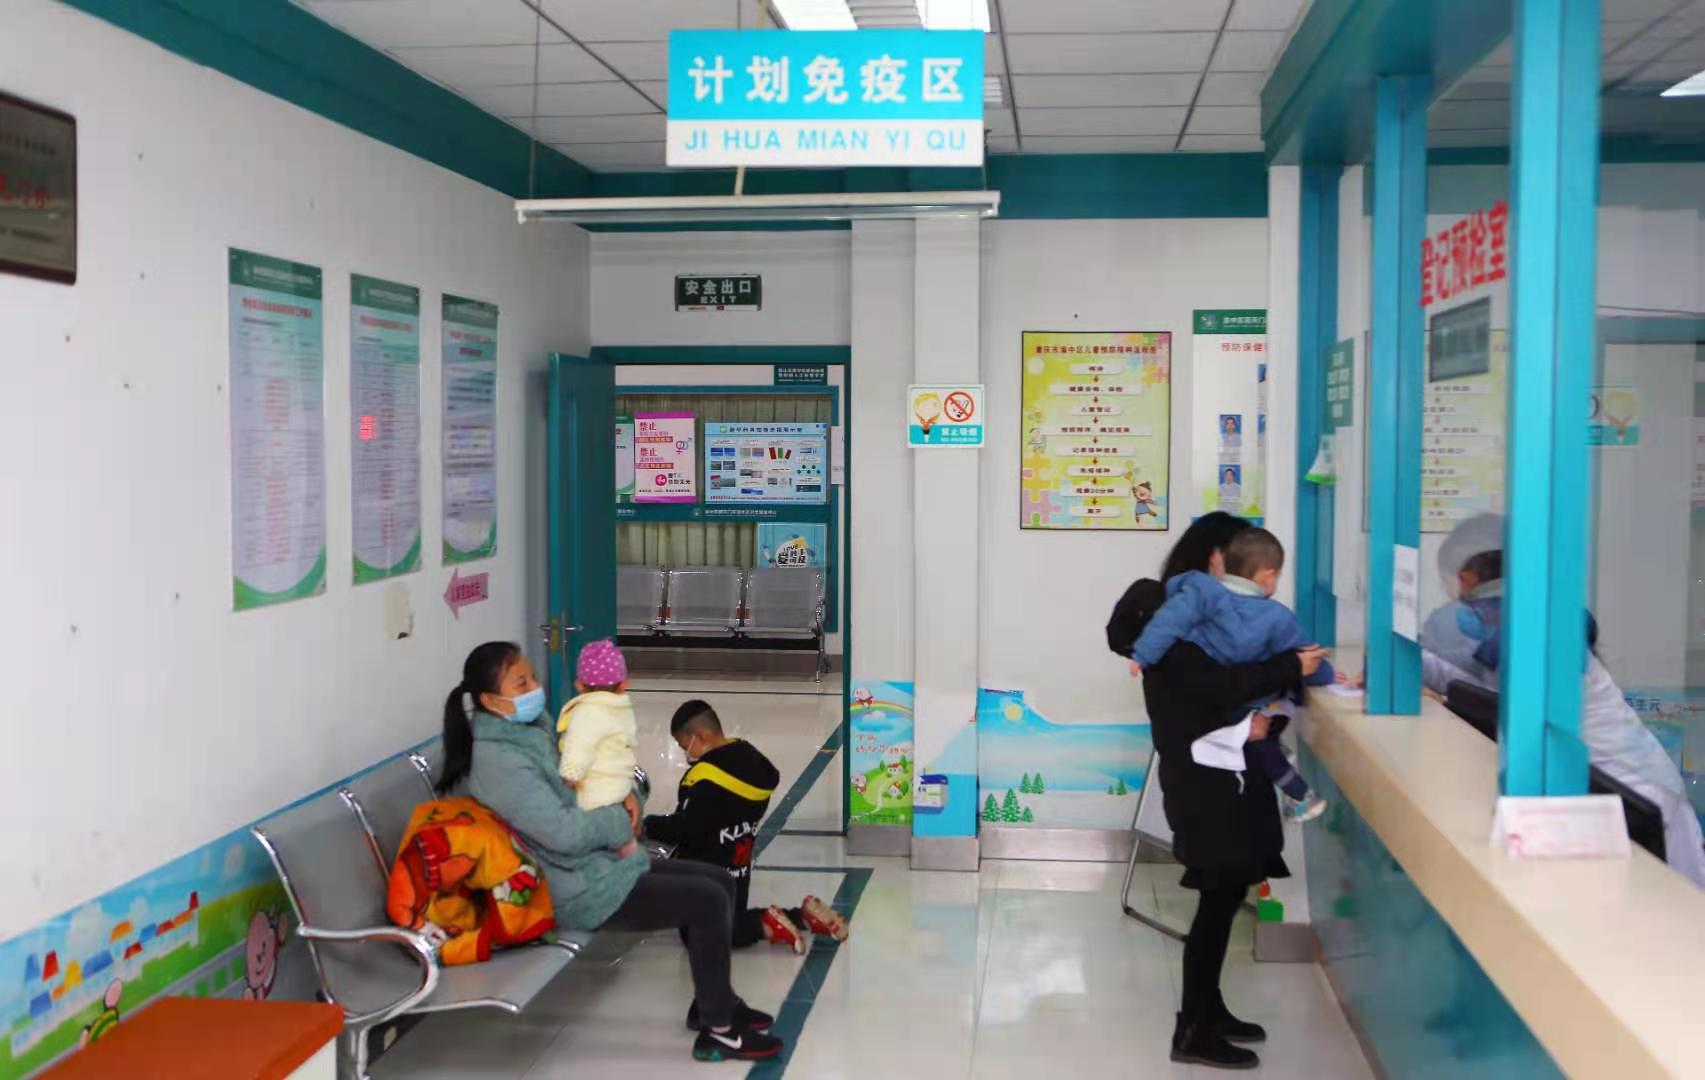 渝中区多家医疗机构可网上预约接种疫苗